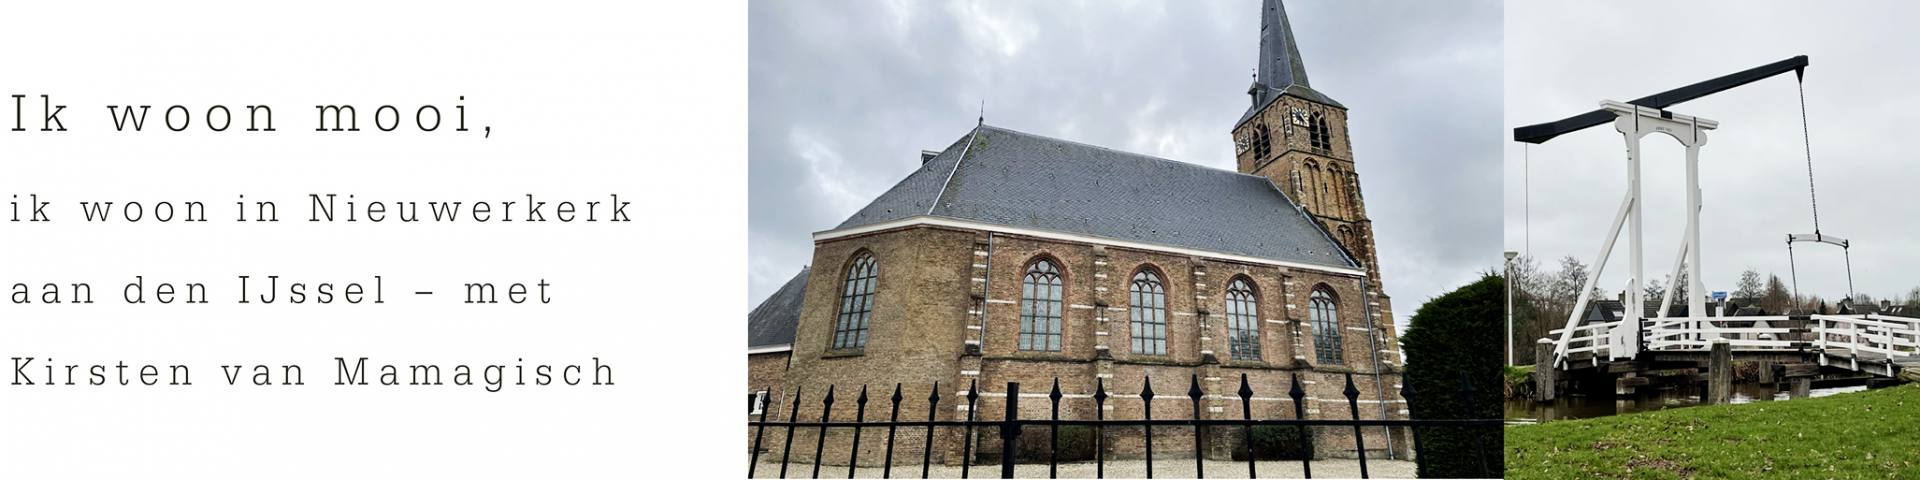 Ik woon mooi, ik woon in Nieuwerkerk aan den IJssel – met Kirsten deel 14